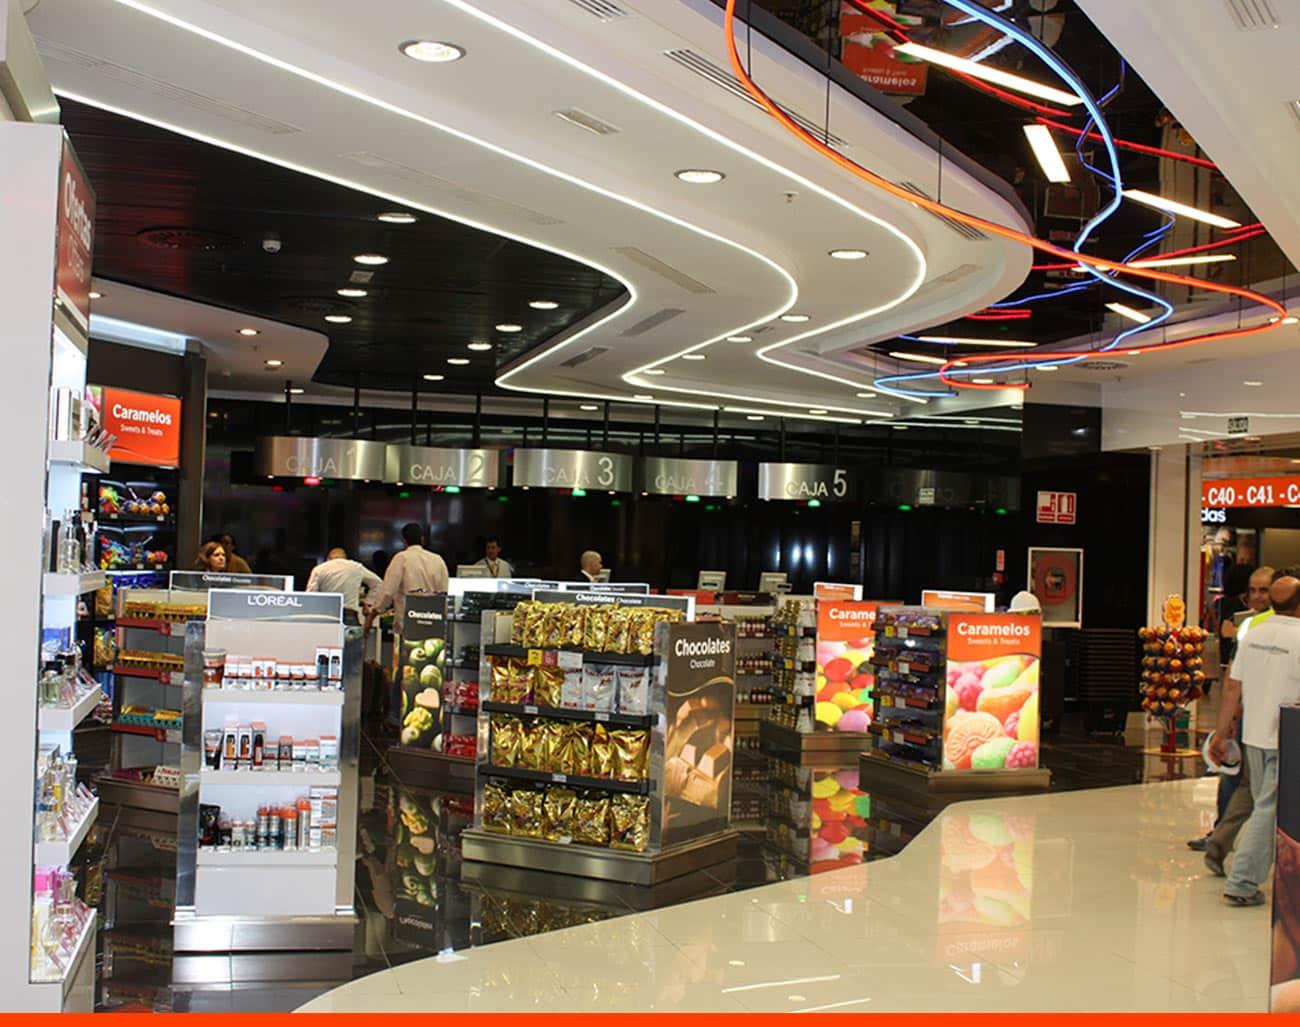 Aparcamiento T2 Madrid – ¿Qué tiendas hay en la T2? 1